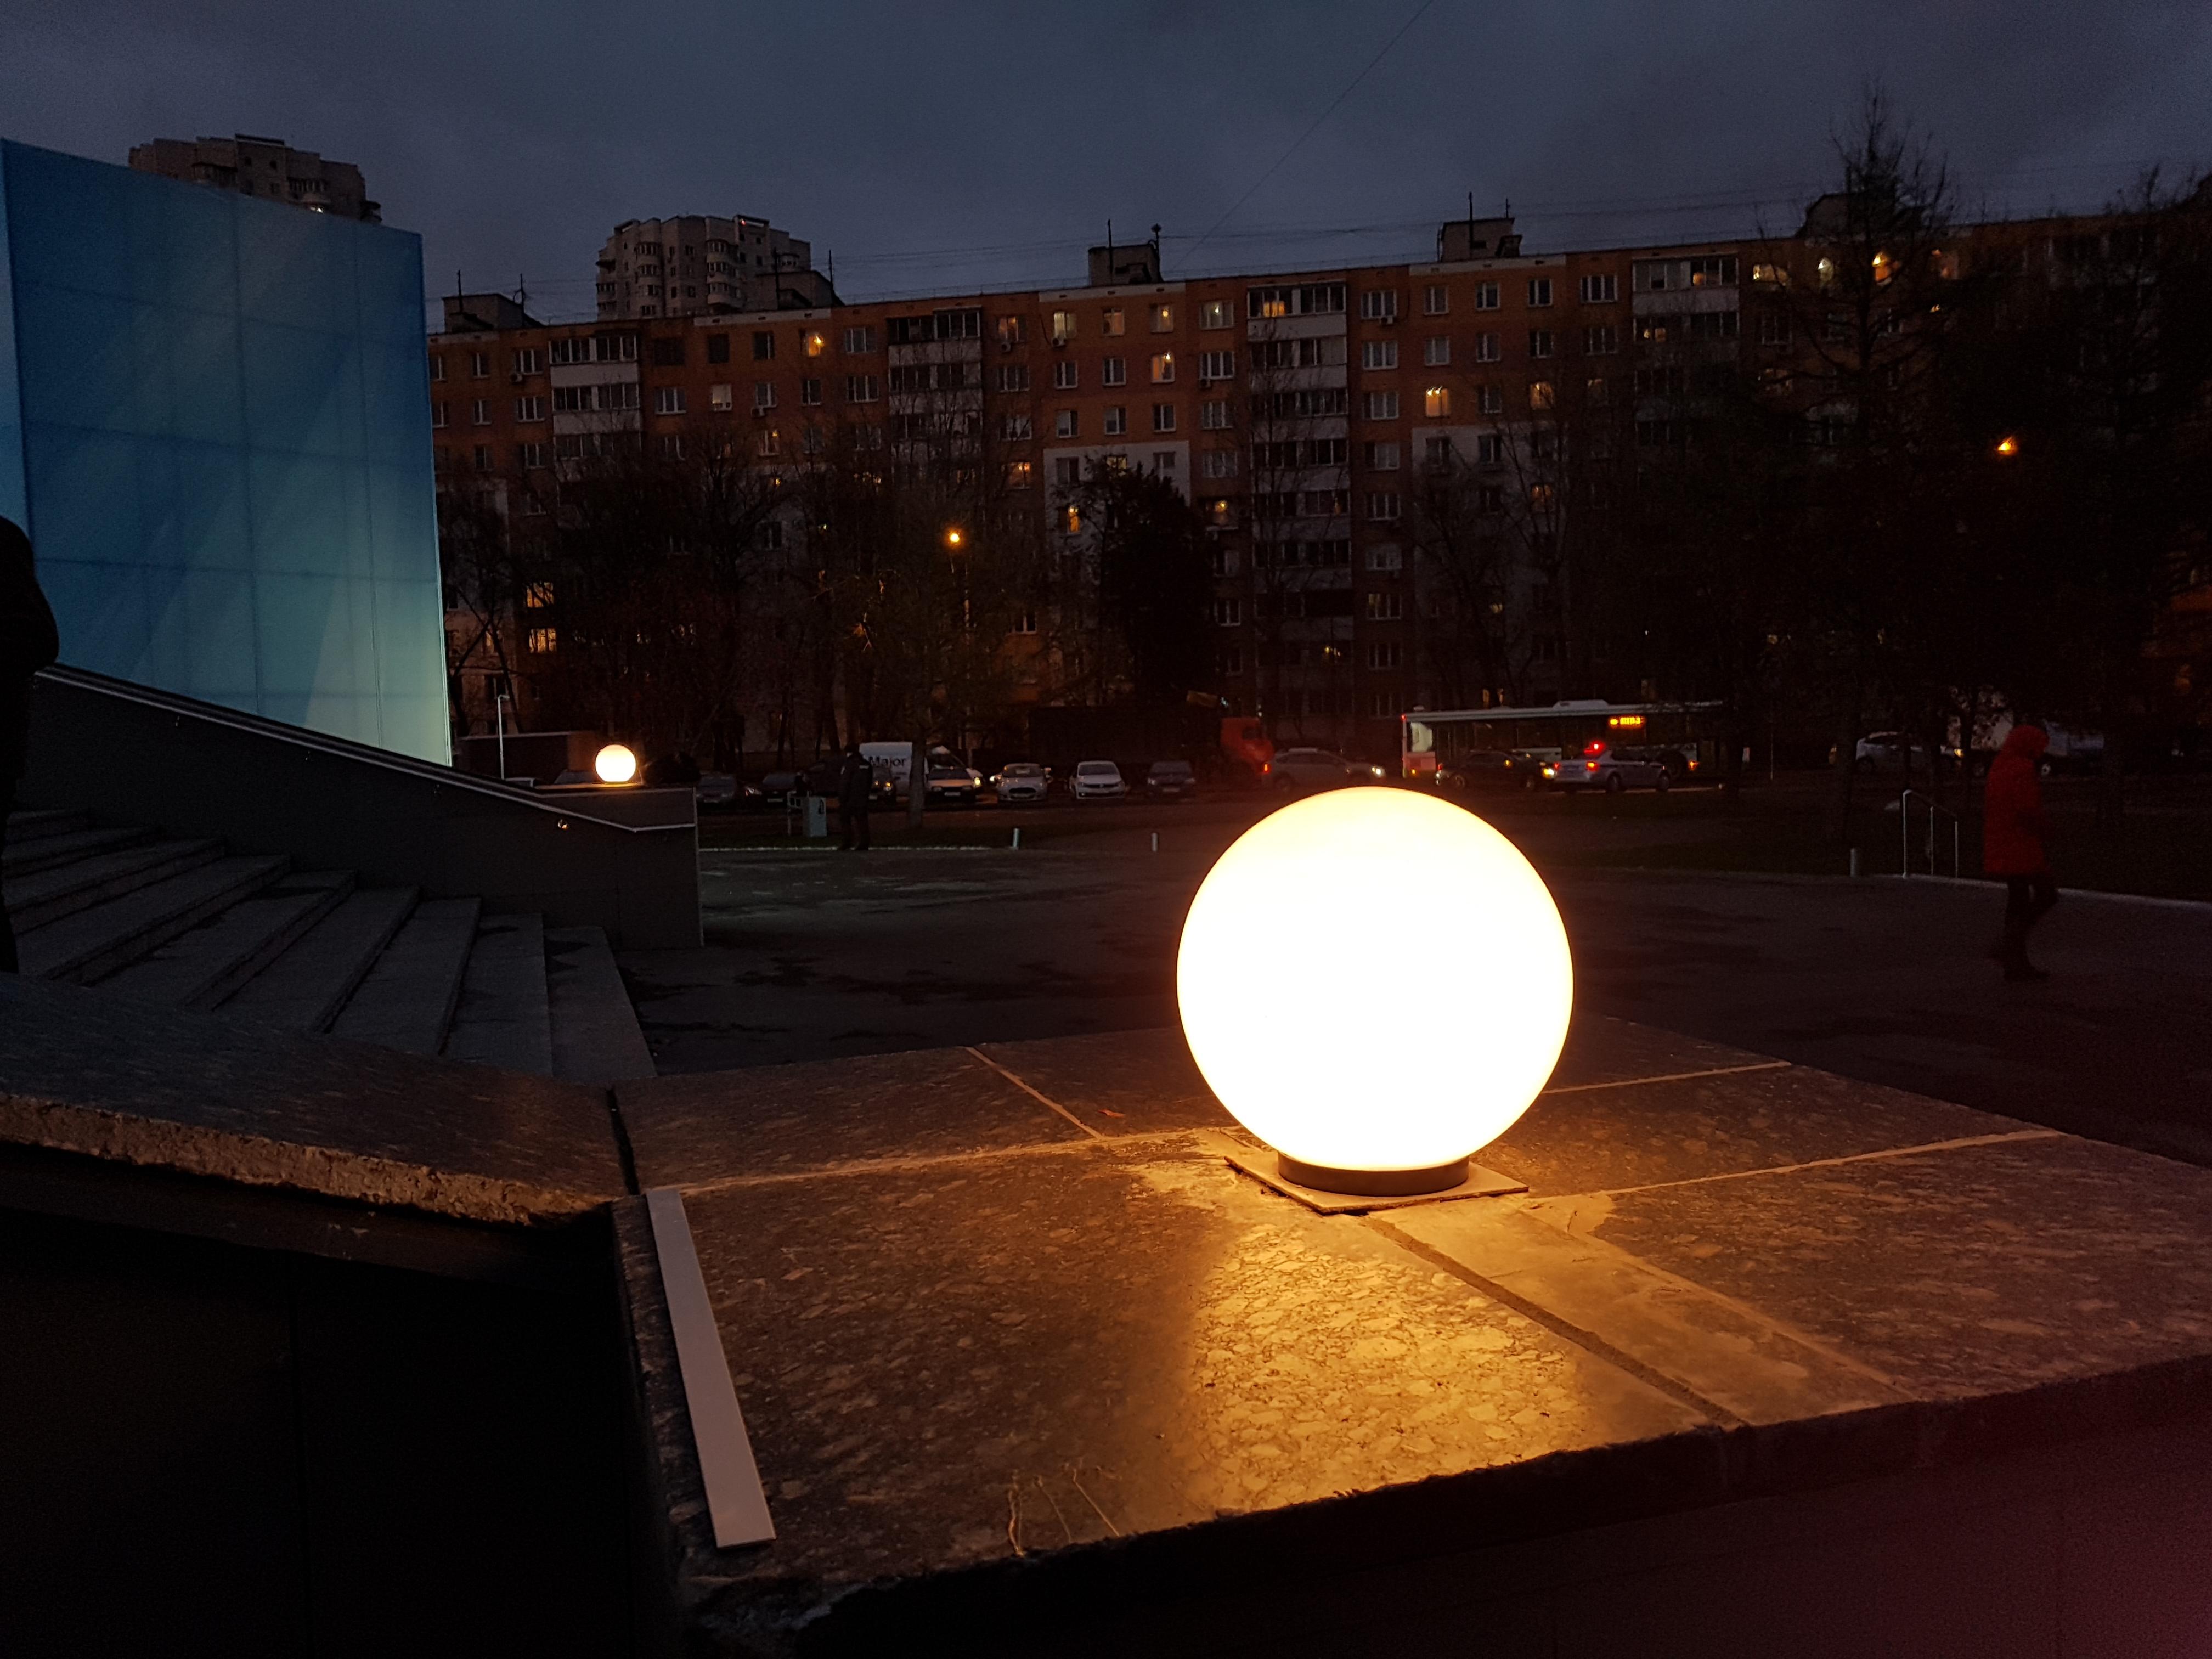 """Плафоны перед главным входом в кинотеатр """"Тула"""". (01 ноября 2017 года) Фото: Рустам Билялов"""